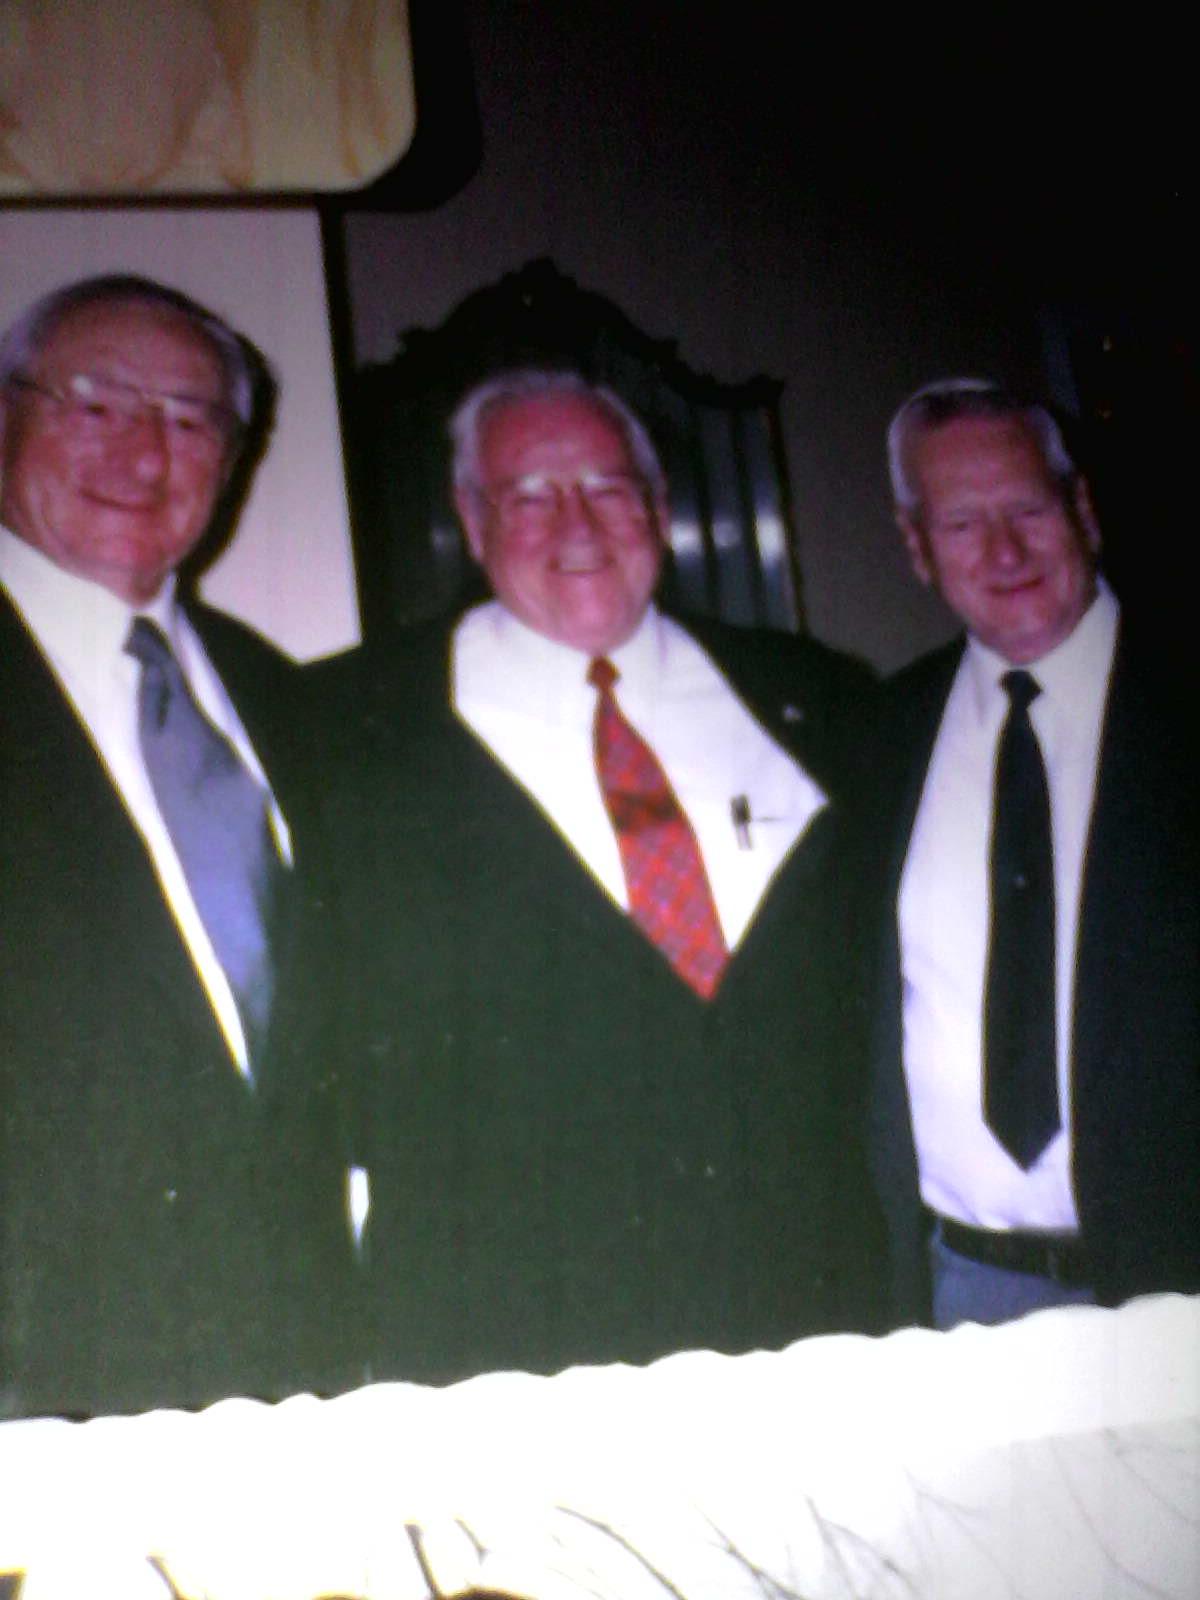 The three brothers Silvernail; Bill, David, Bob